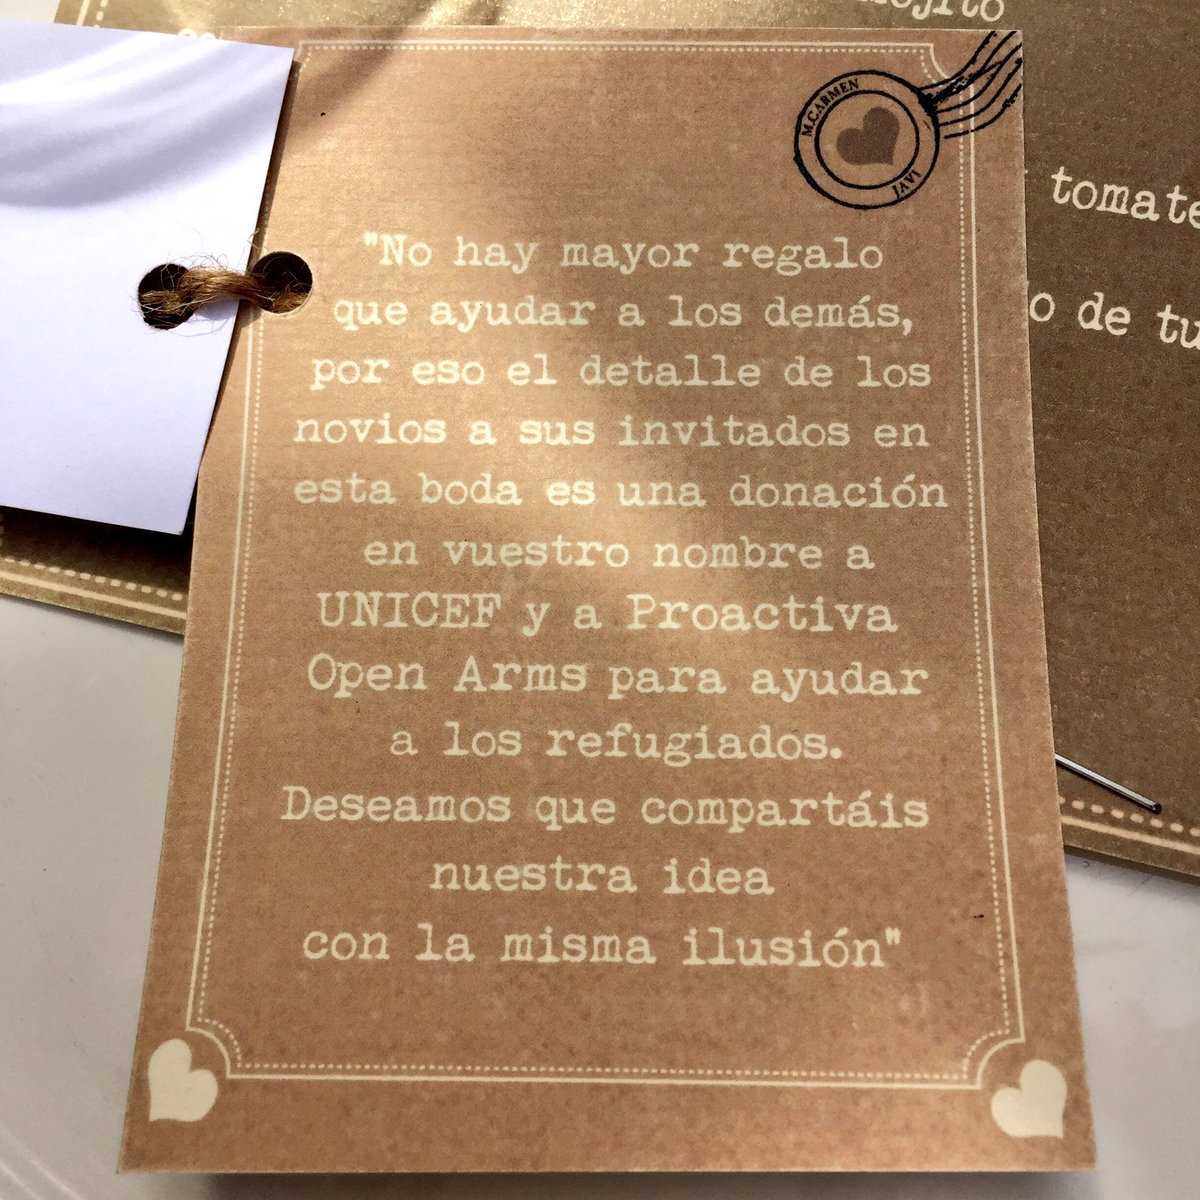 Estoy en una boda y acabo de encontrar esta tarjeta junto al menú. Qué gran idea.  #refugees #refugiados https://t.co/kkx1fbh9pO